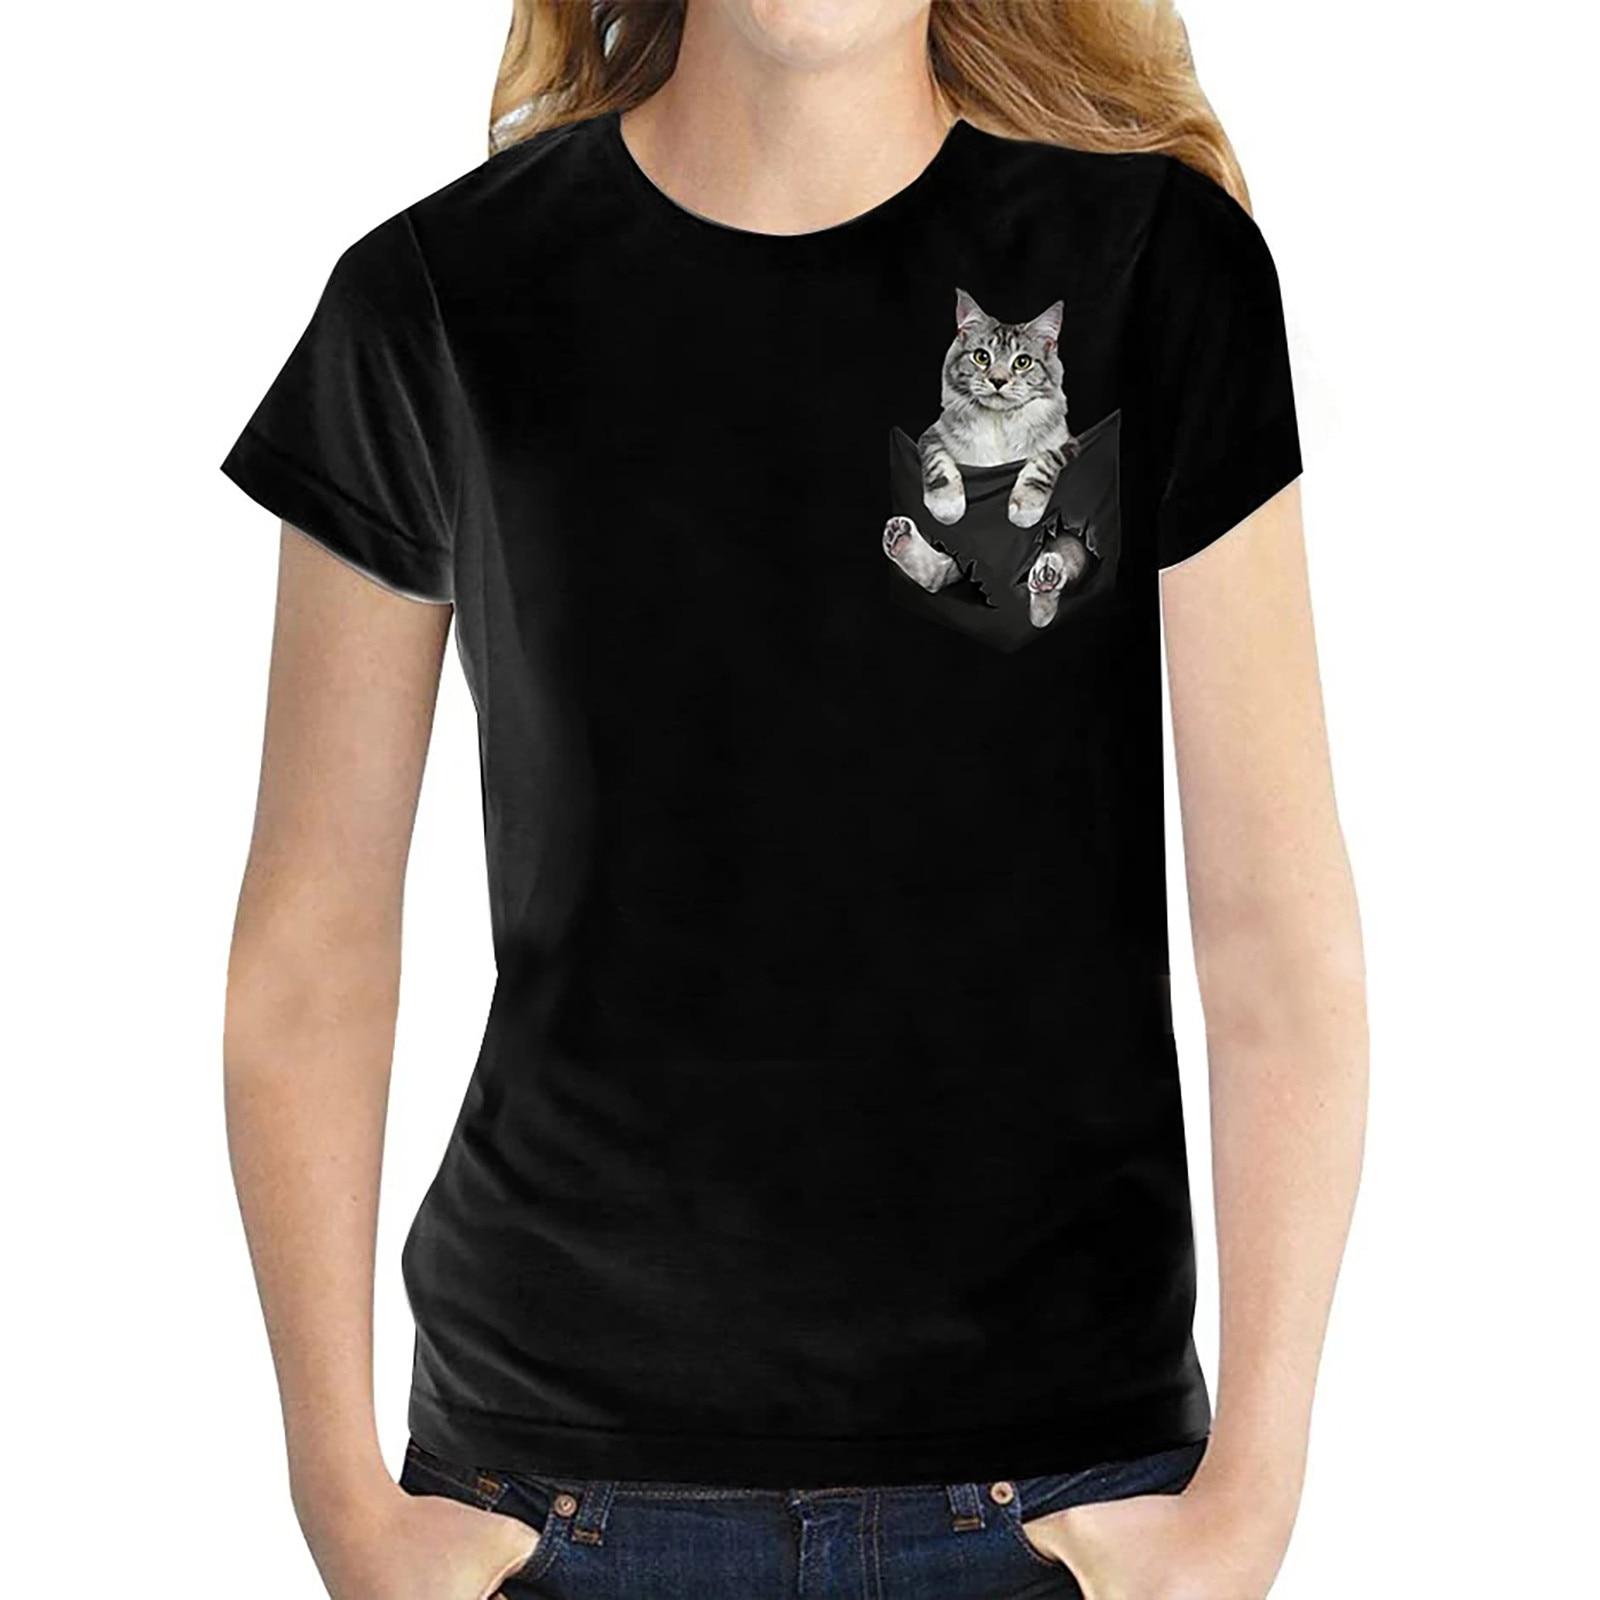 T-shirt manches courtes col rond Femme, estival et à la Mode, avec chat imprimé, Harajuku, grande taille